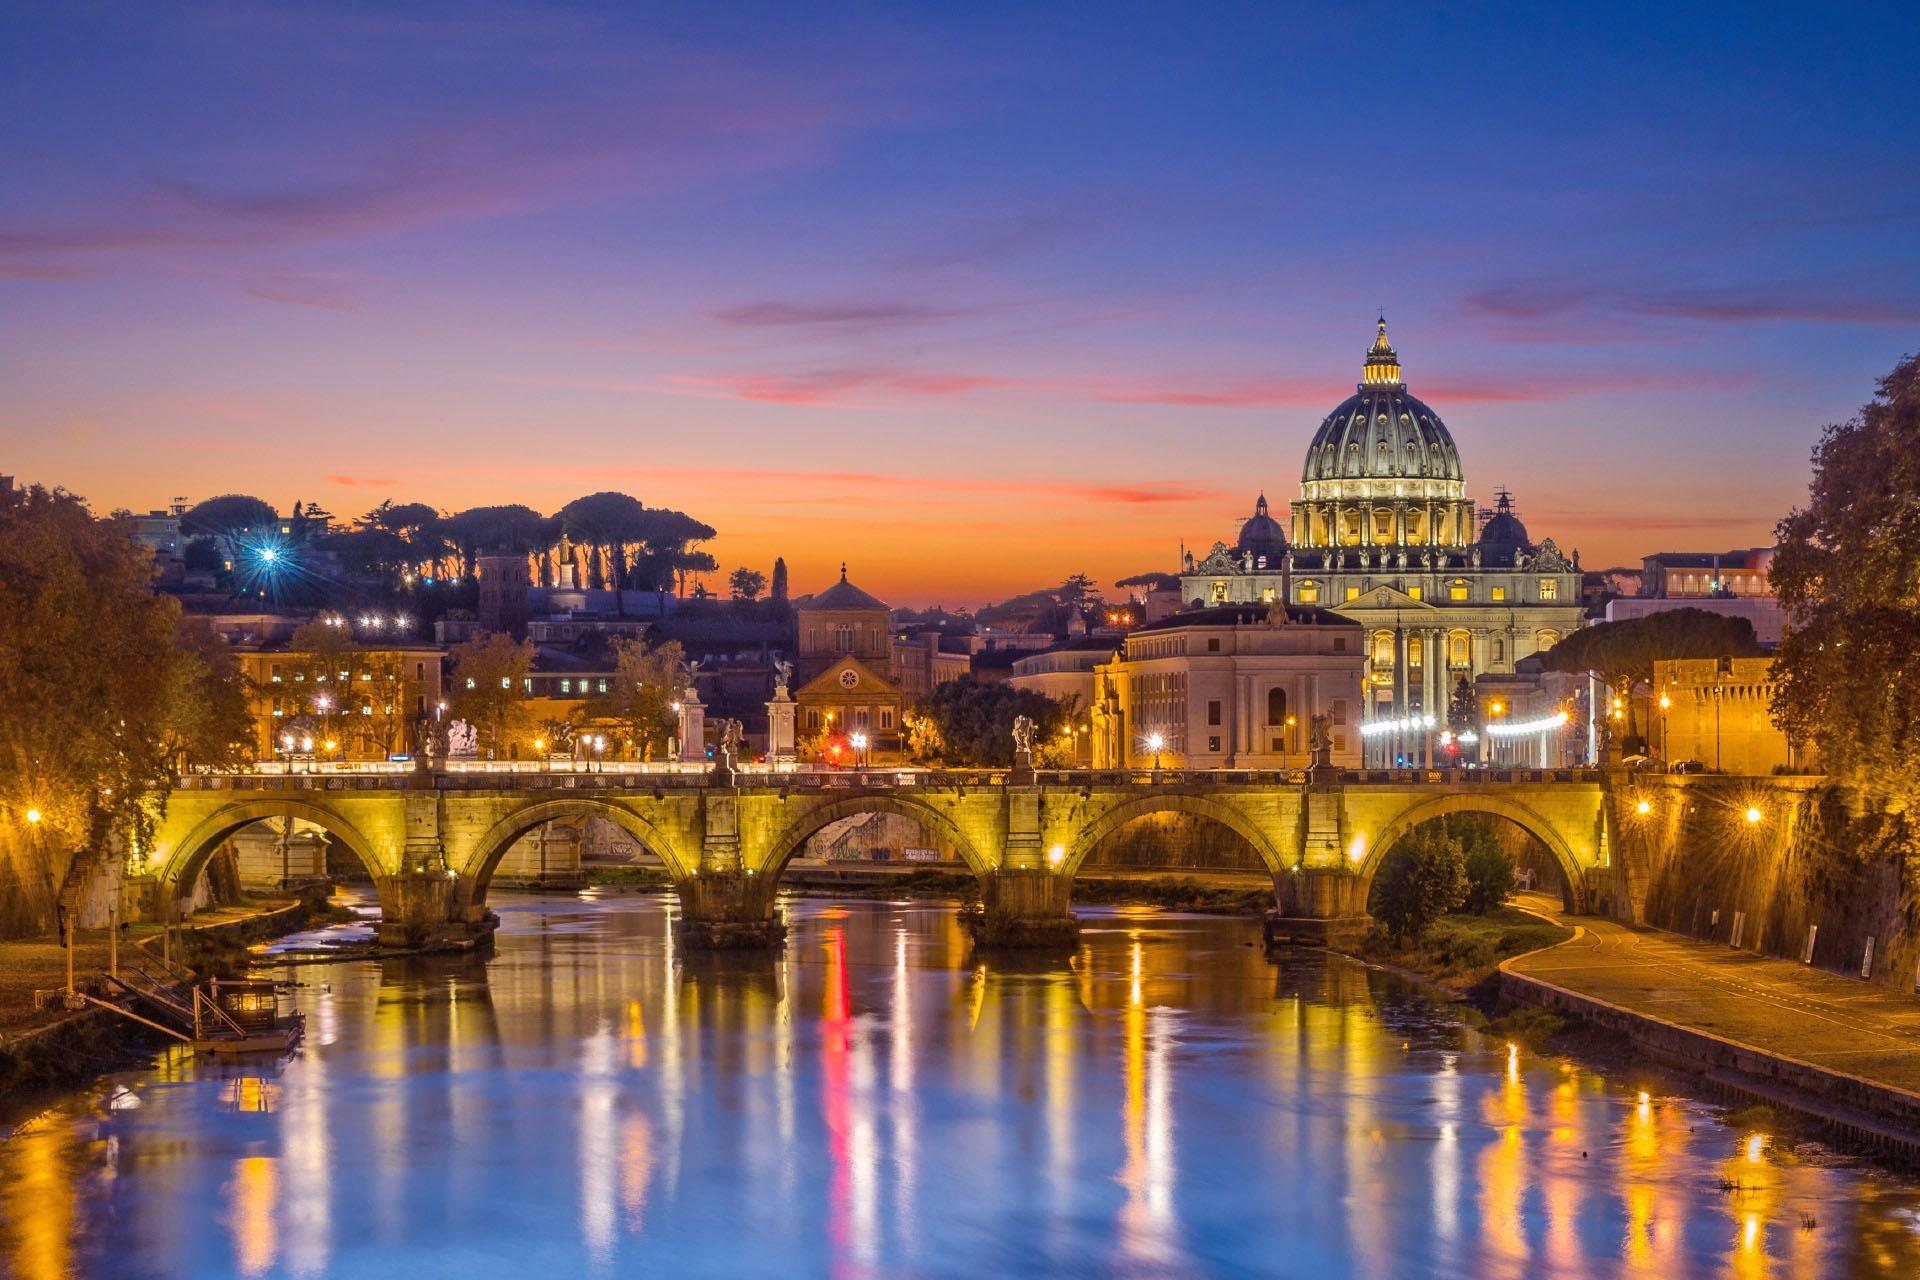 ウンベルト1世橋から見る夕暮れのローマの町